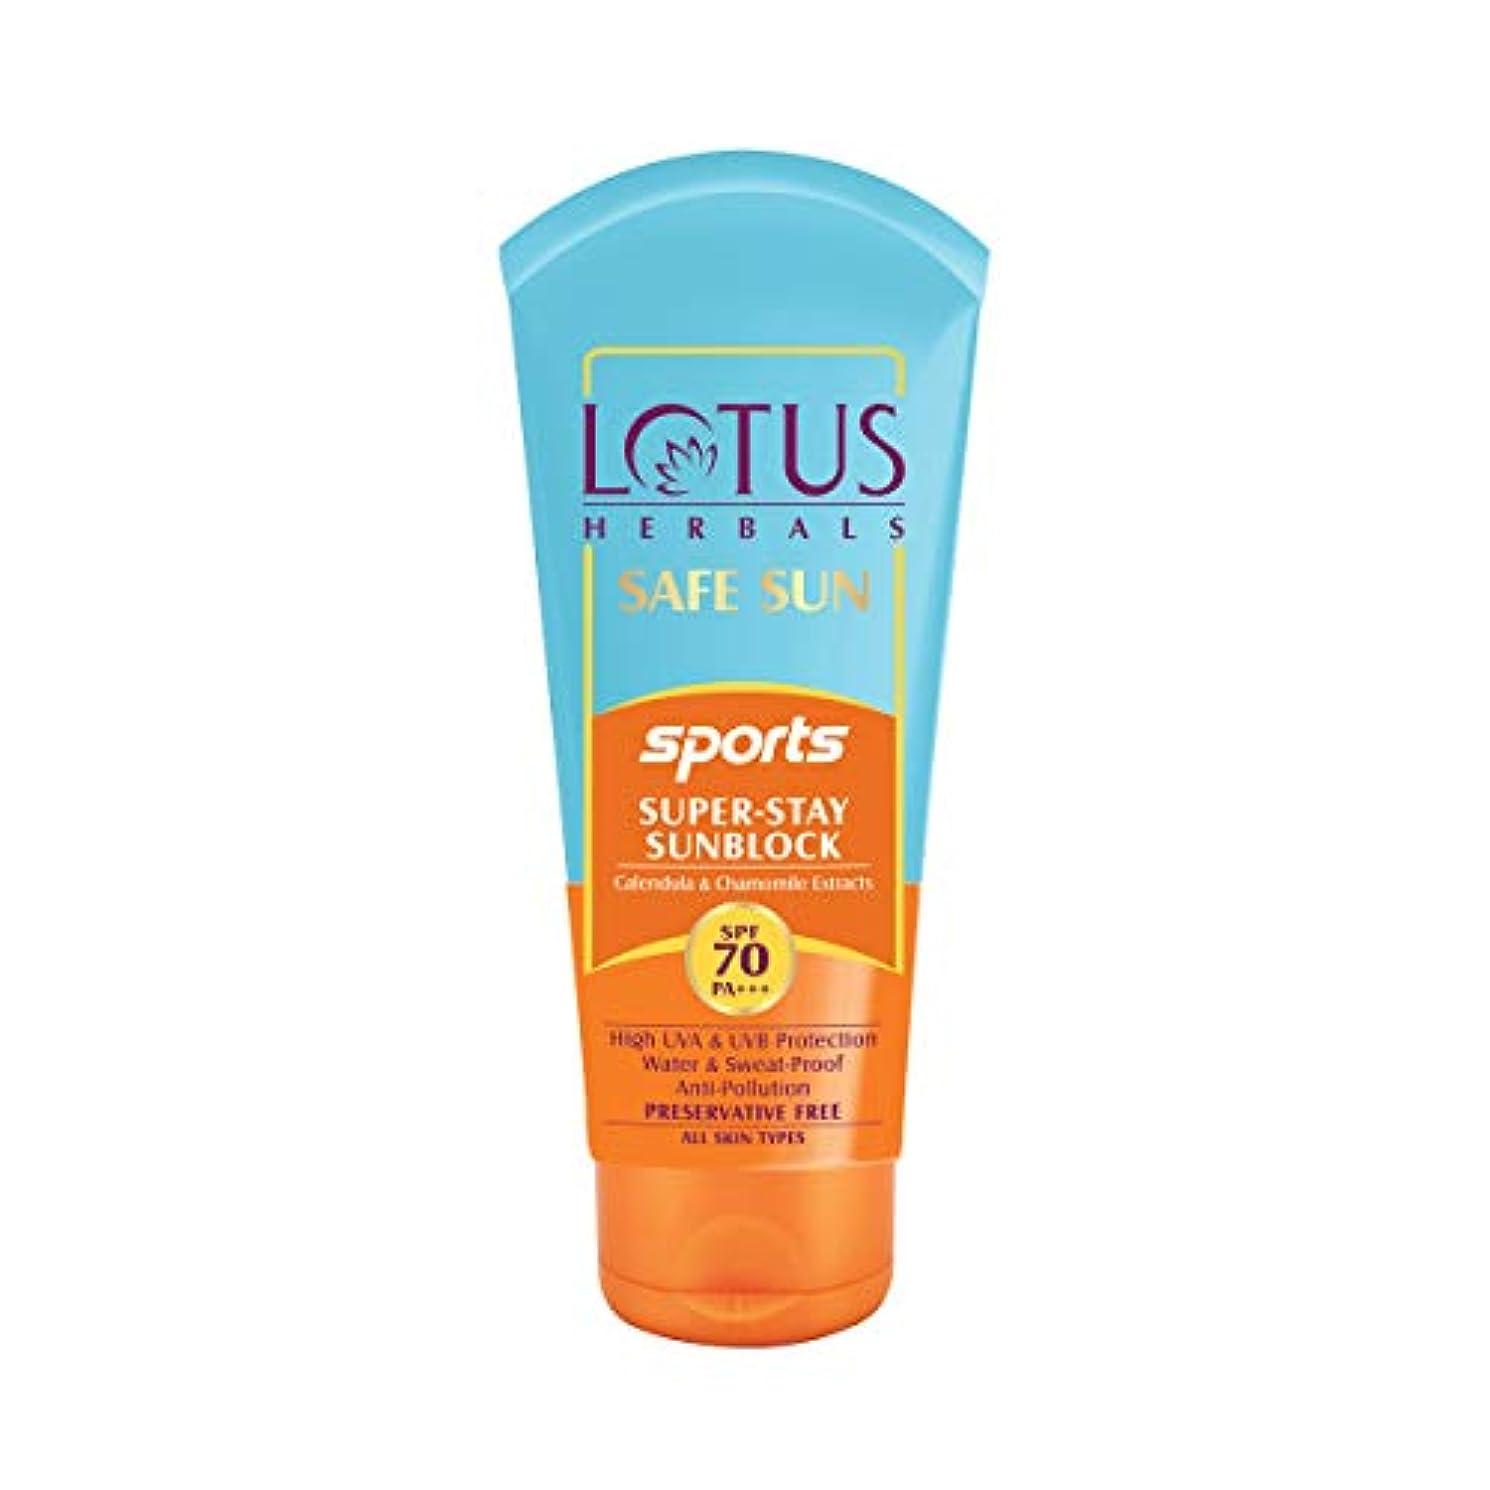 協力的海峡ビールLotus Herbals Safe Sun Sports Super-Stay Sunblock Spf 70 Pa+++, 80 g (Calendula and chamomile extracts)